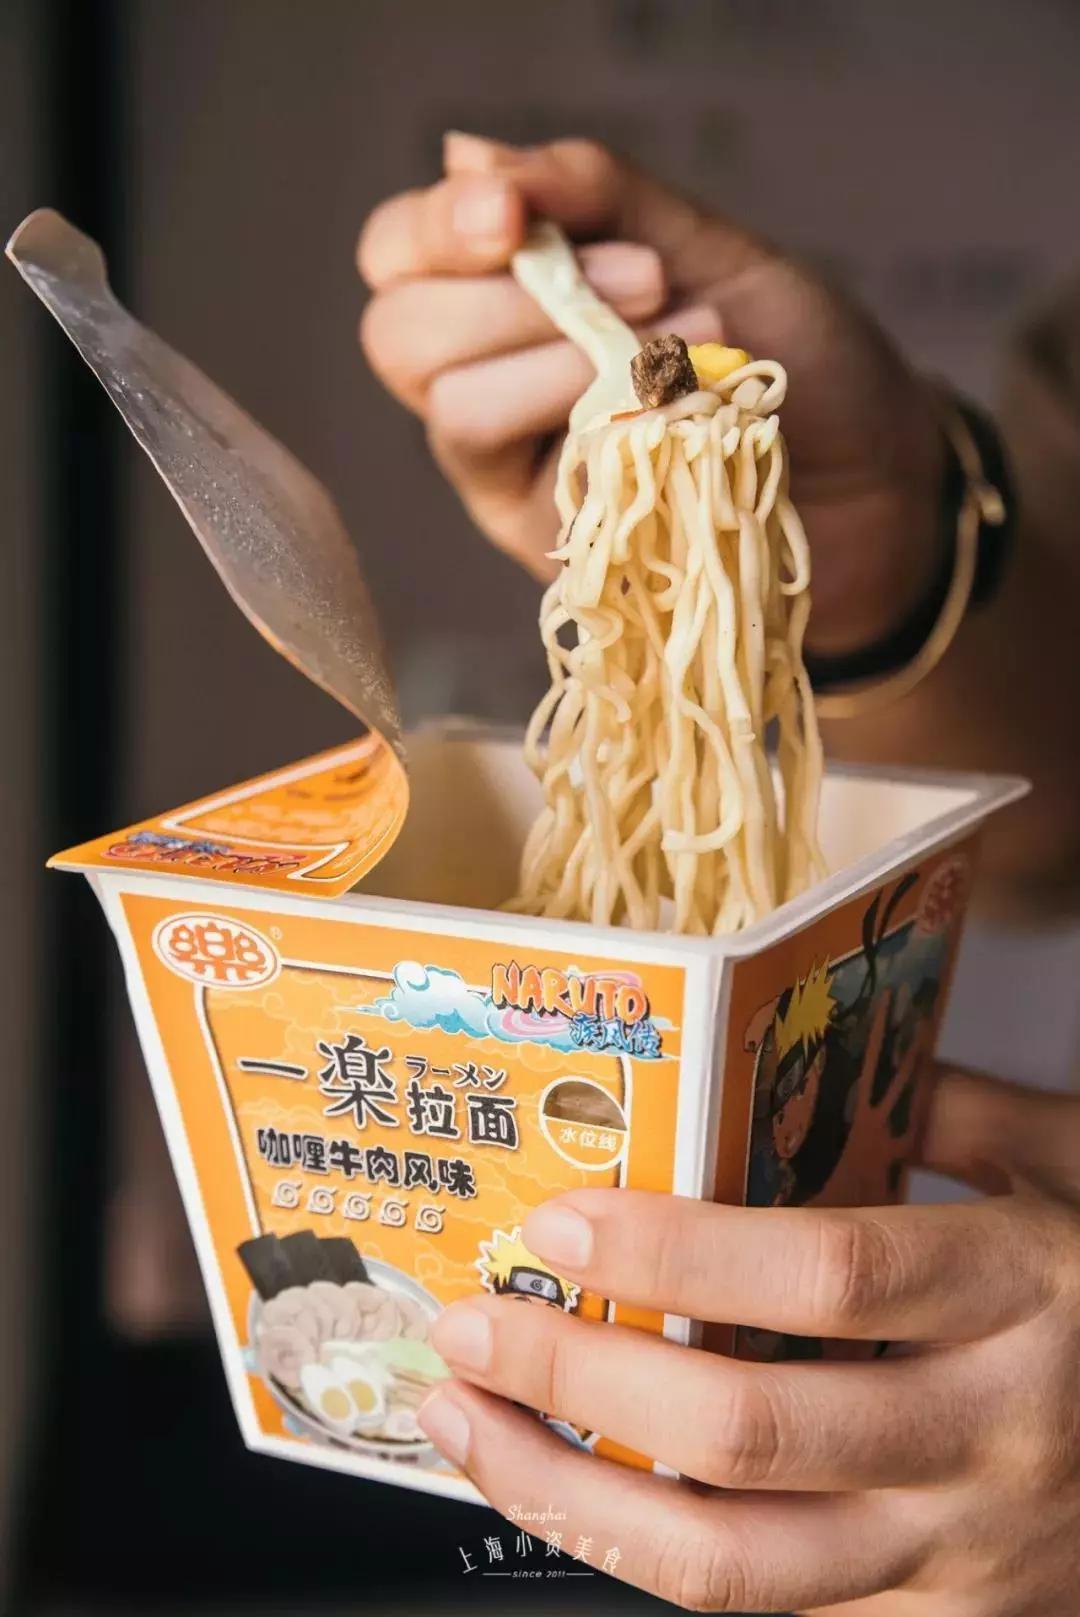 上海9月便利店新品测评,这17款值得入手!